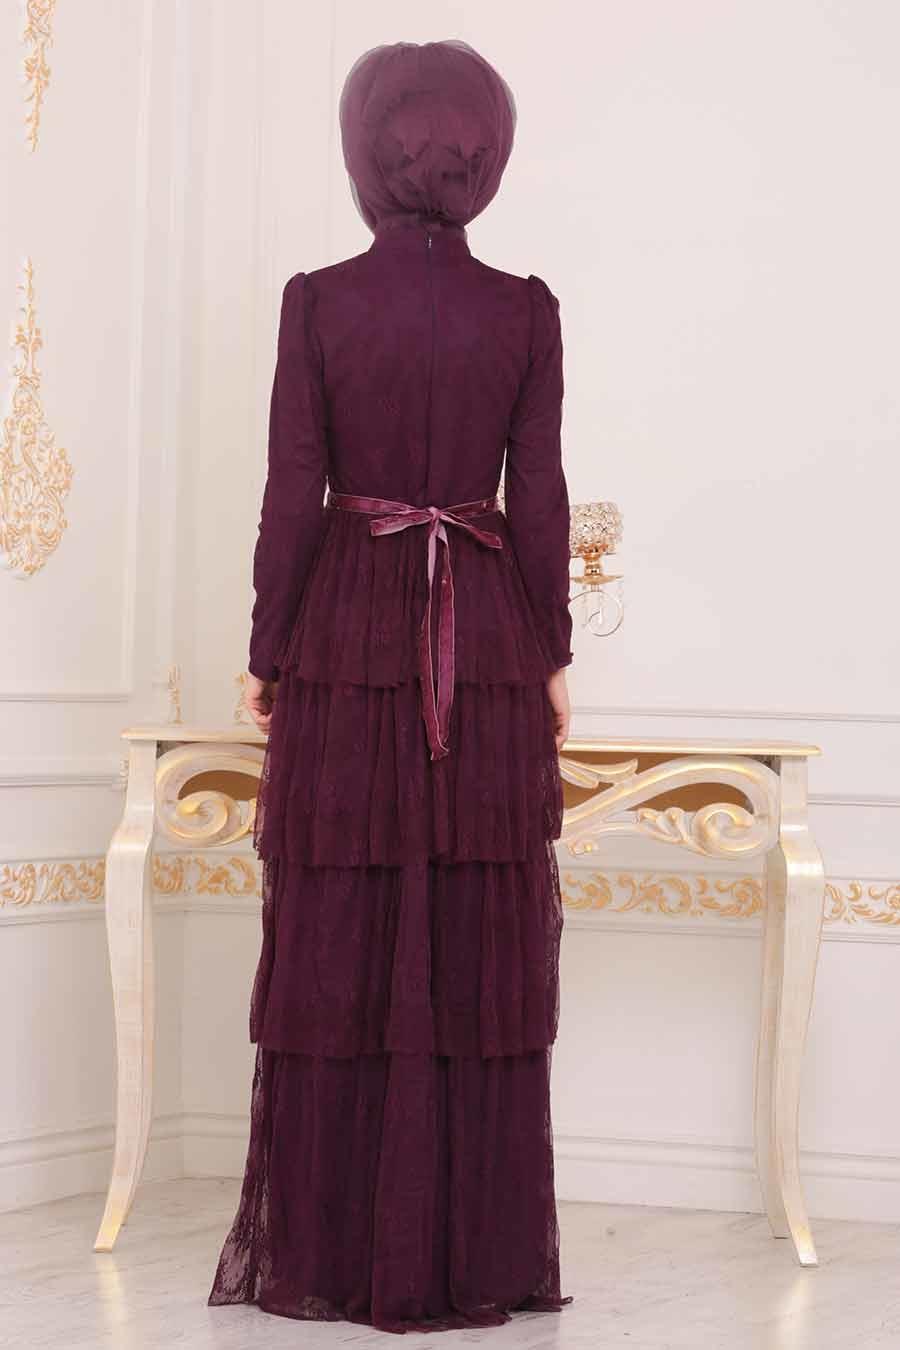 Tesettürlü Abiye Elbise - Taş Detaylı Mürdüm Tesettür Abiye Elbise 39680MU